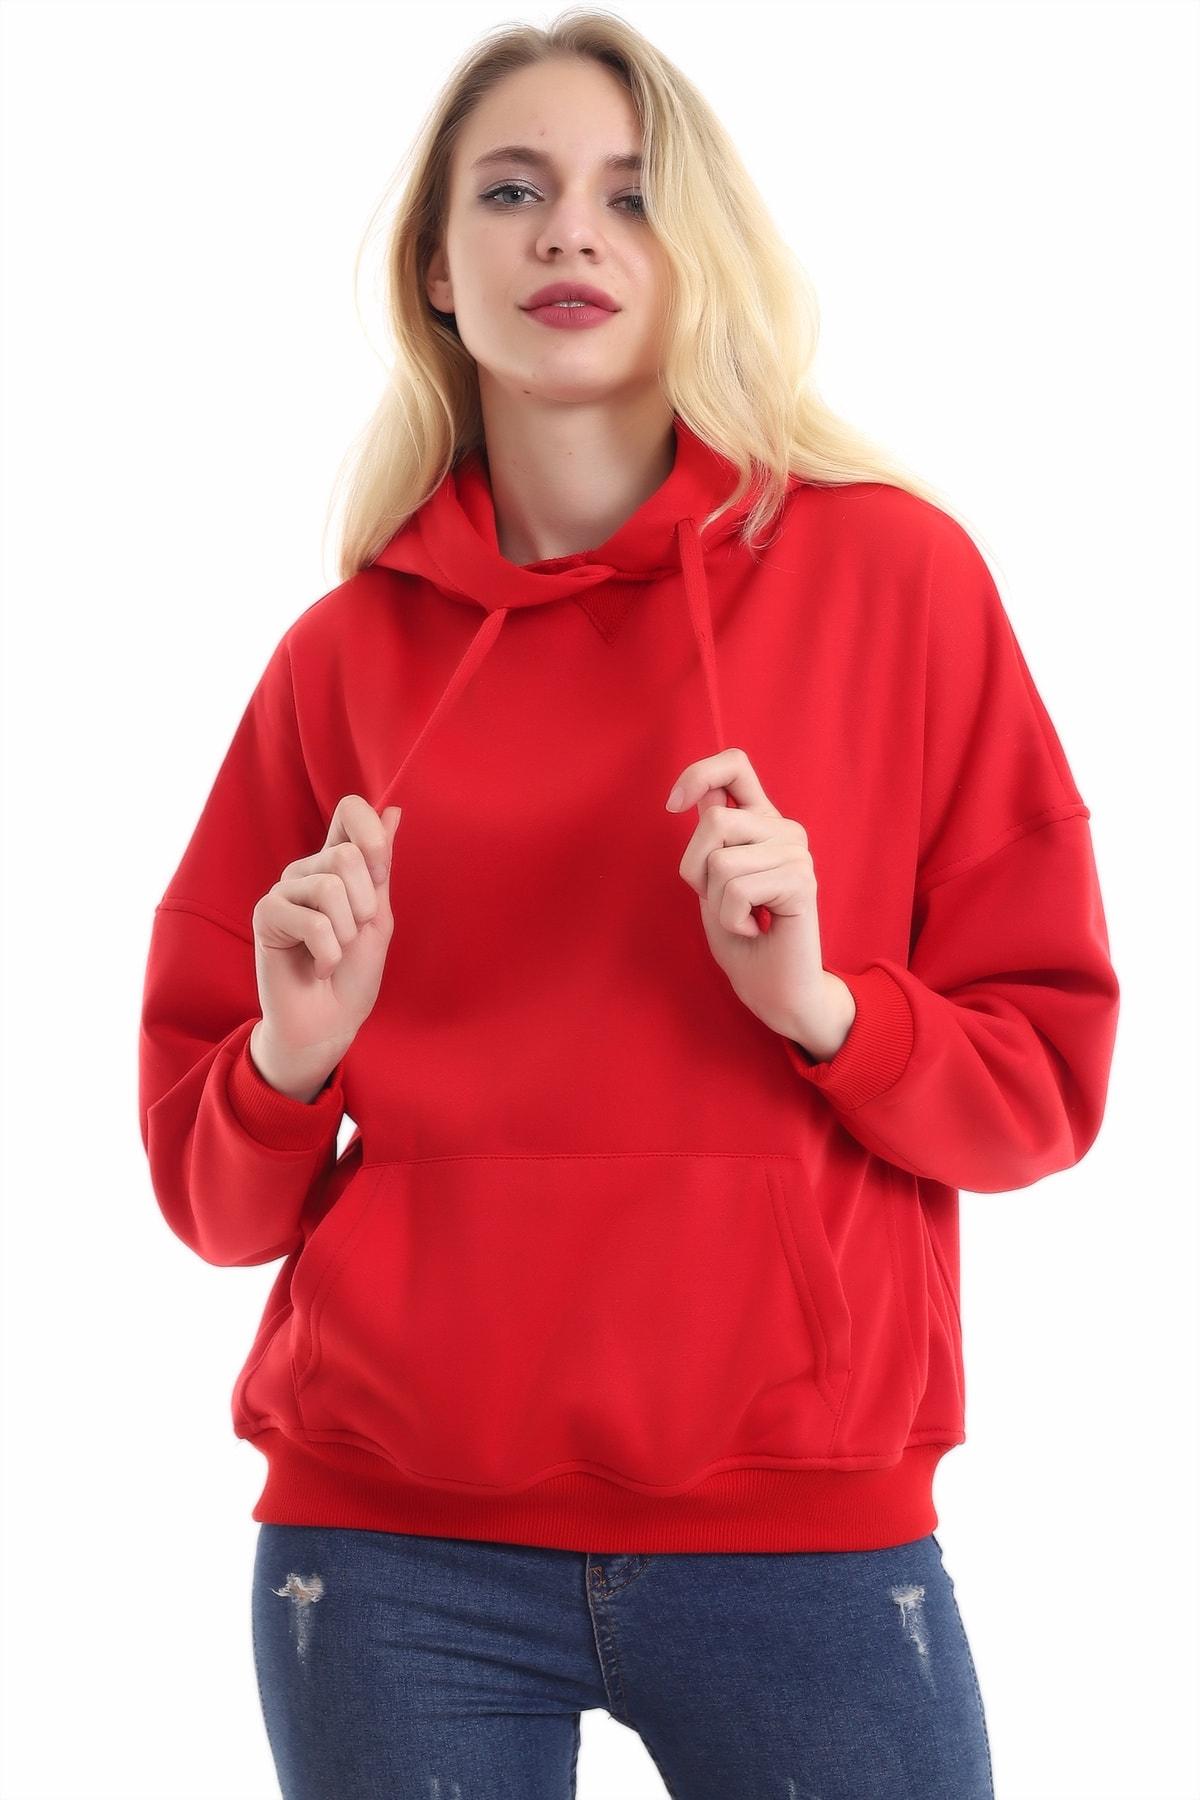 boffin Kadın Kırmızı İçi Pamuklu Oversize Sweatshirt 2